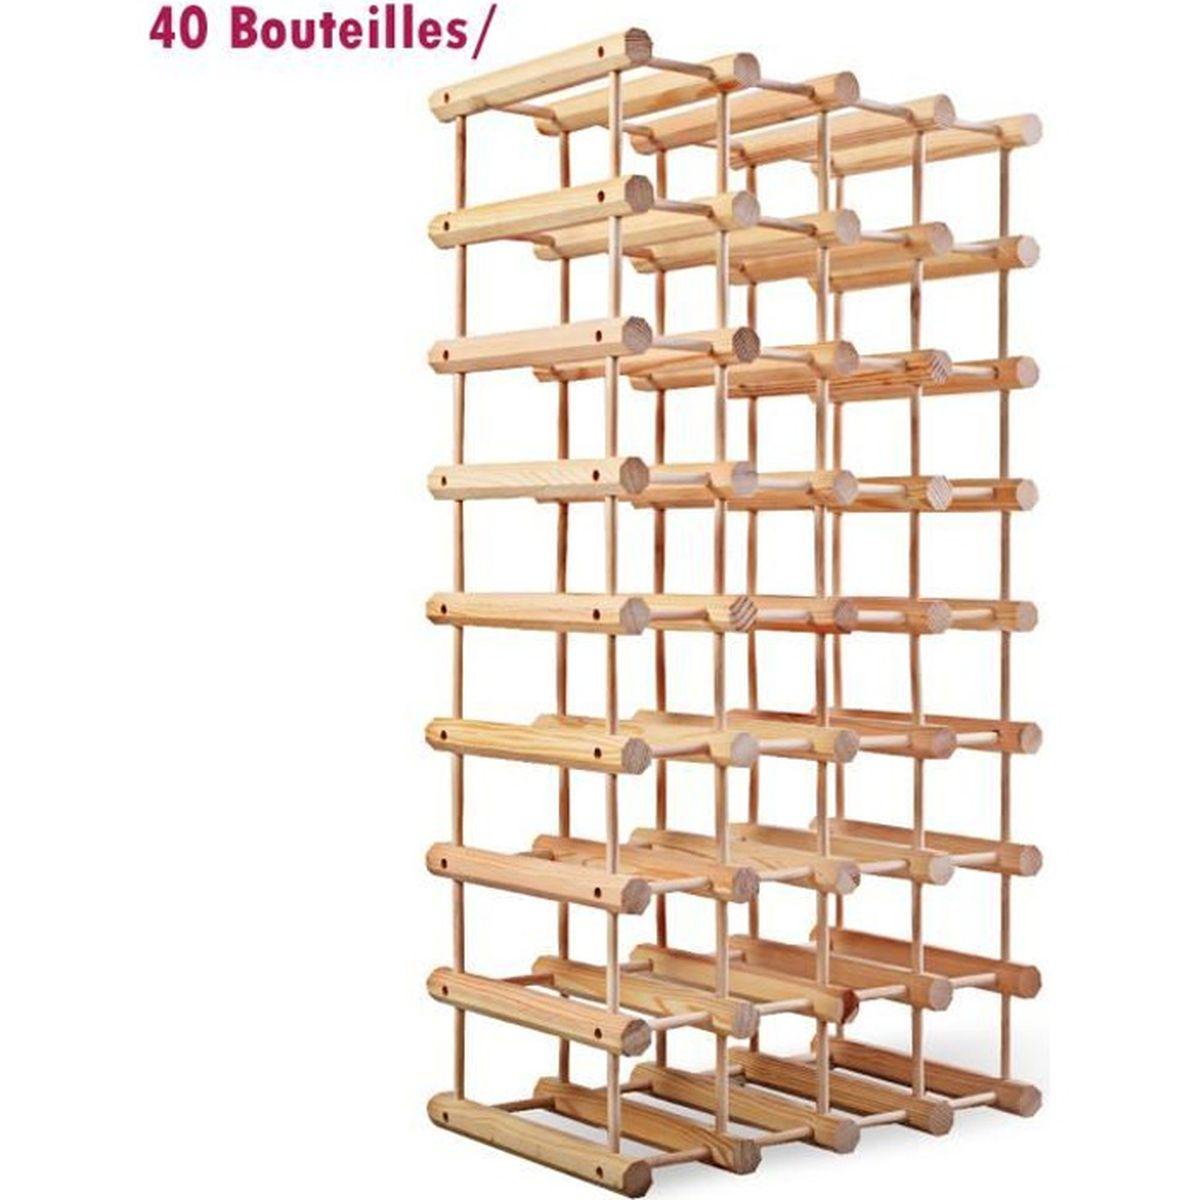 Fabriquer Casier À Bouteilles En Bois casier pour range bouteilles etagère de rangement jusqu'à 40 bouteilles de  vin modulable en bois de pin 33 x 24 x 102.5 cm